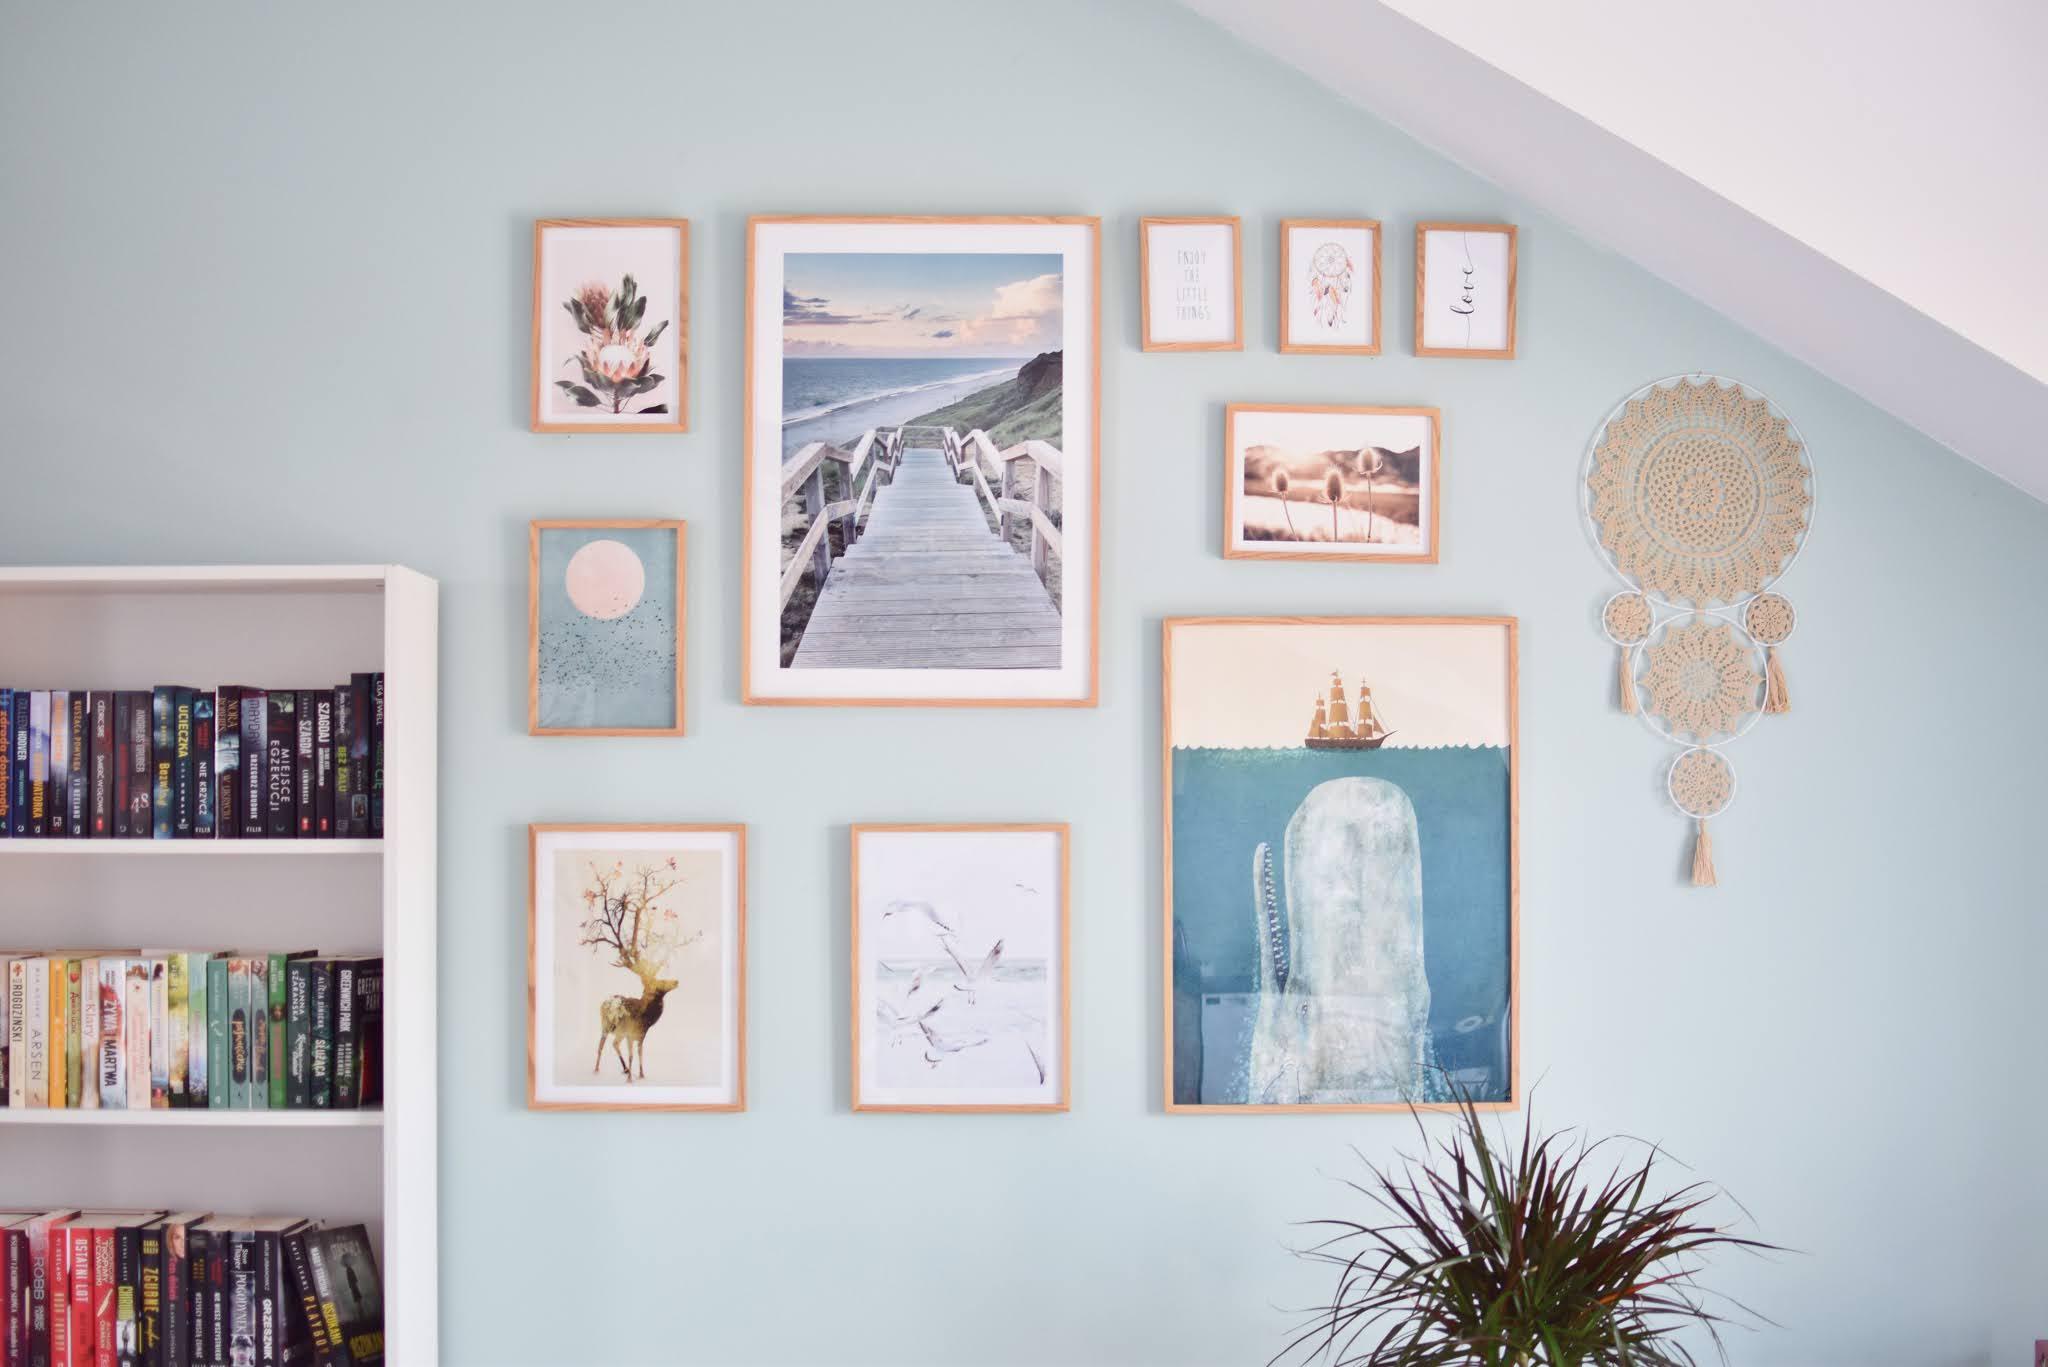 krajobraz,posterstore,obraz,wnętrze,sztuka,design,ramki,domowagaleria,mieszkanie,plakaty,rabat,jeleń,